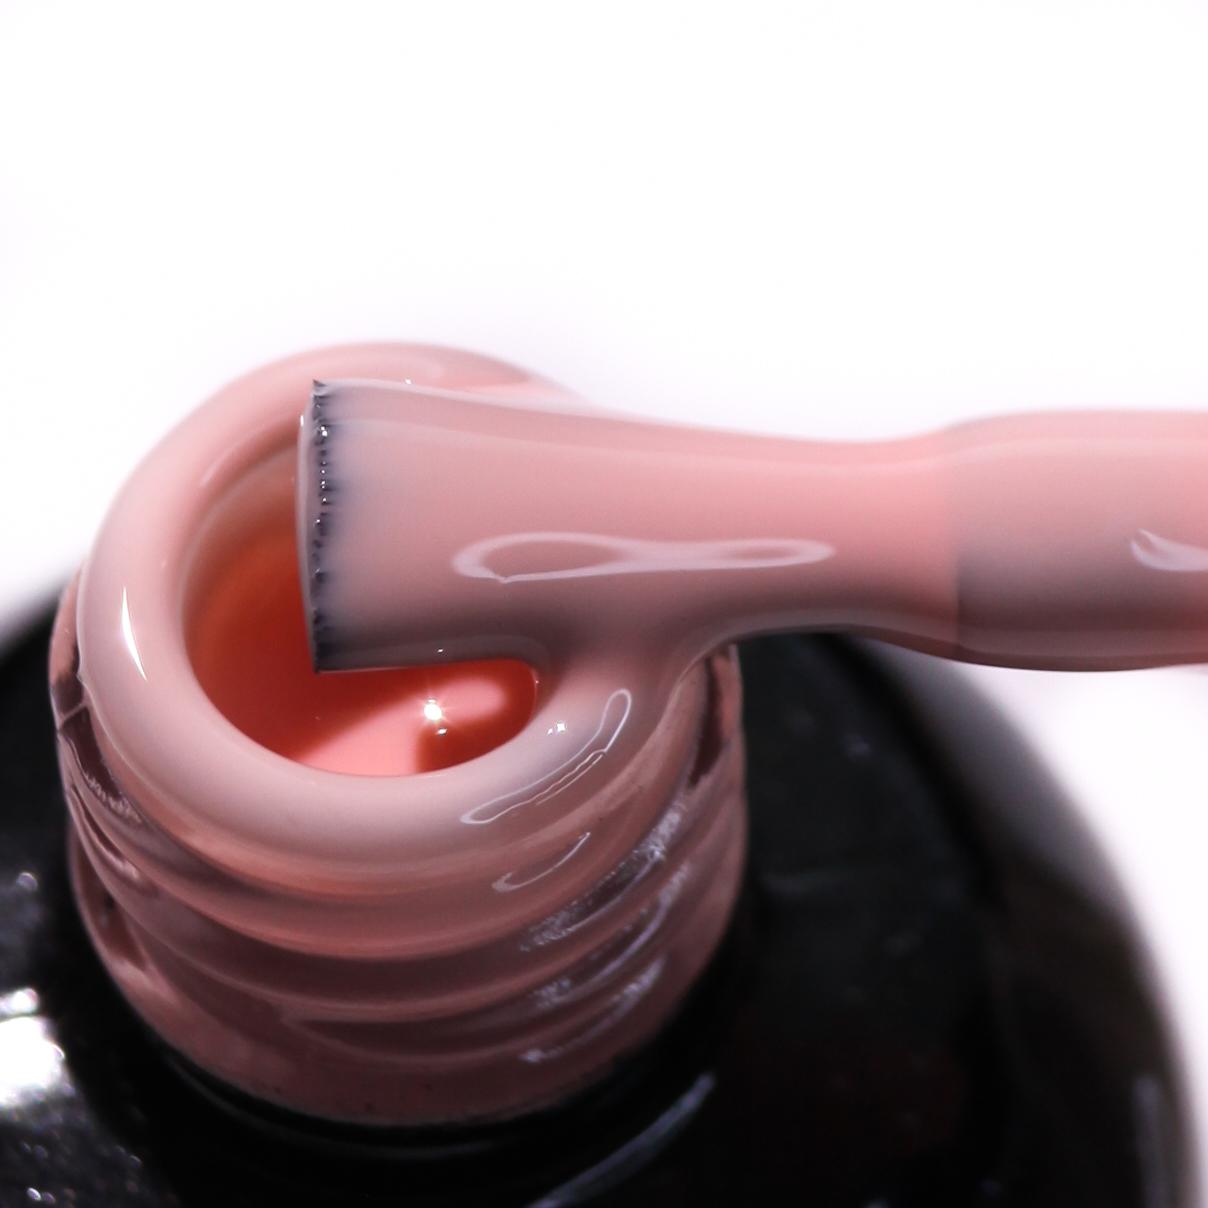 03 Гель-лак с липким слоем 11мл Cosmake Бледно-Розовый